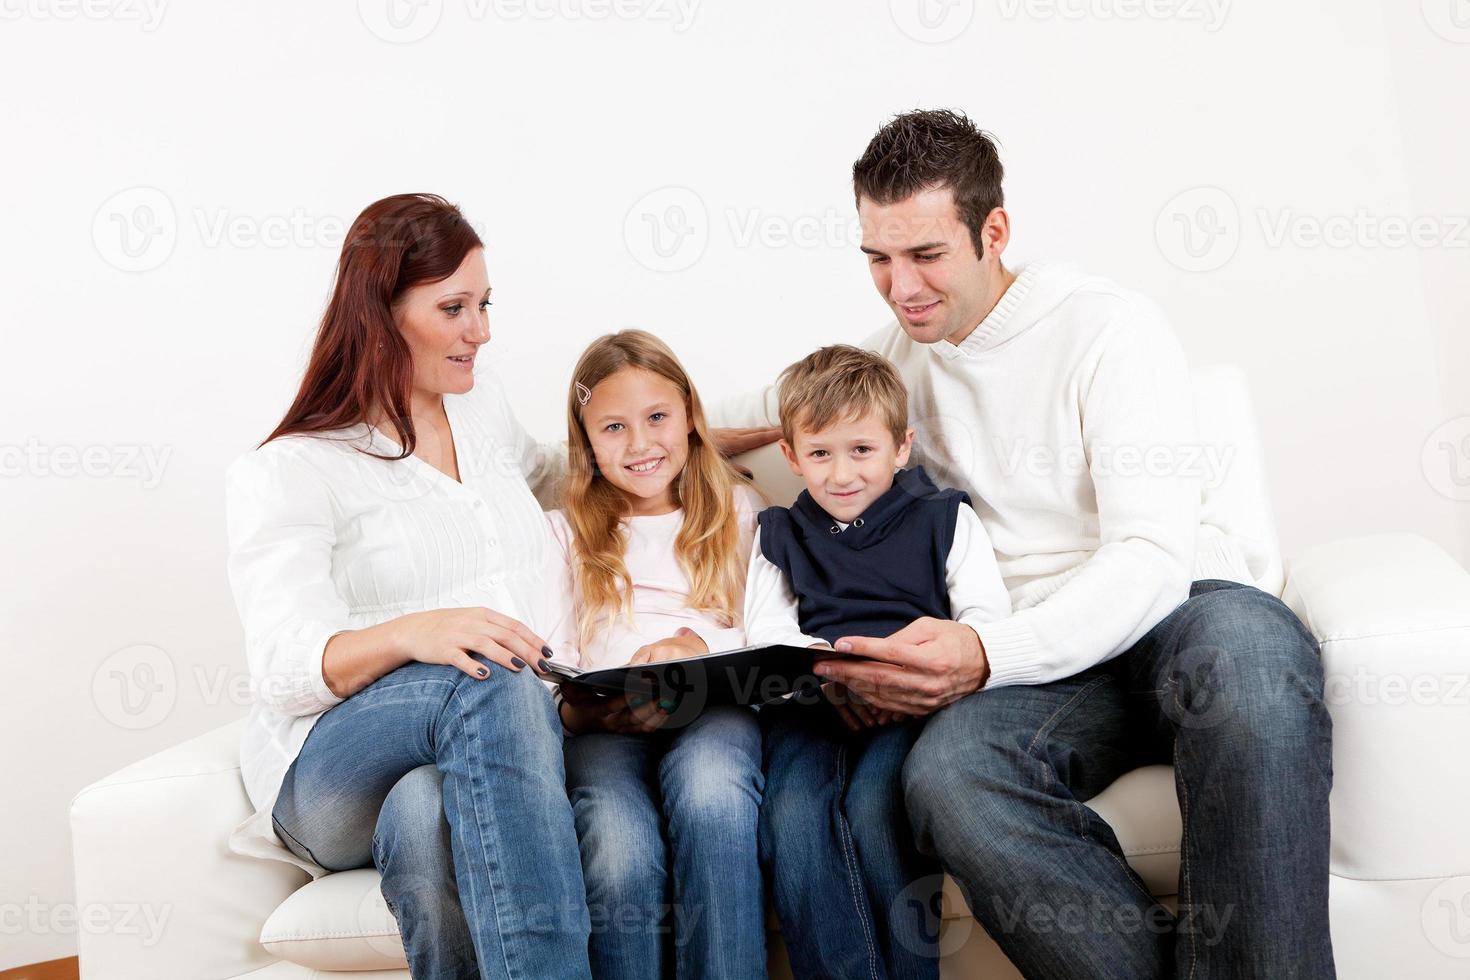 giovane famiglia hapy che guarda l'album fotografico foto